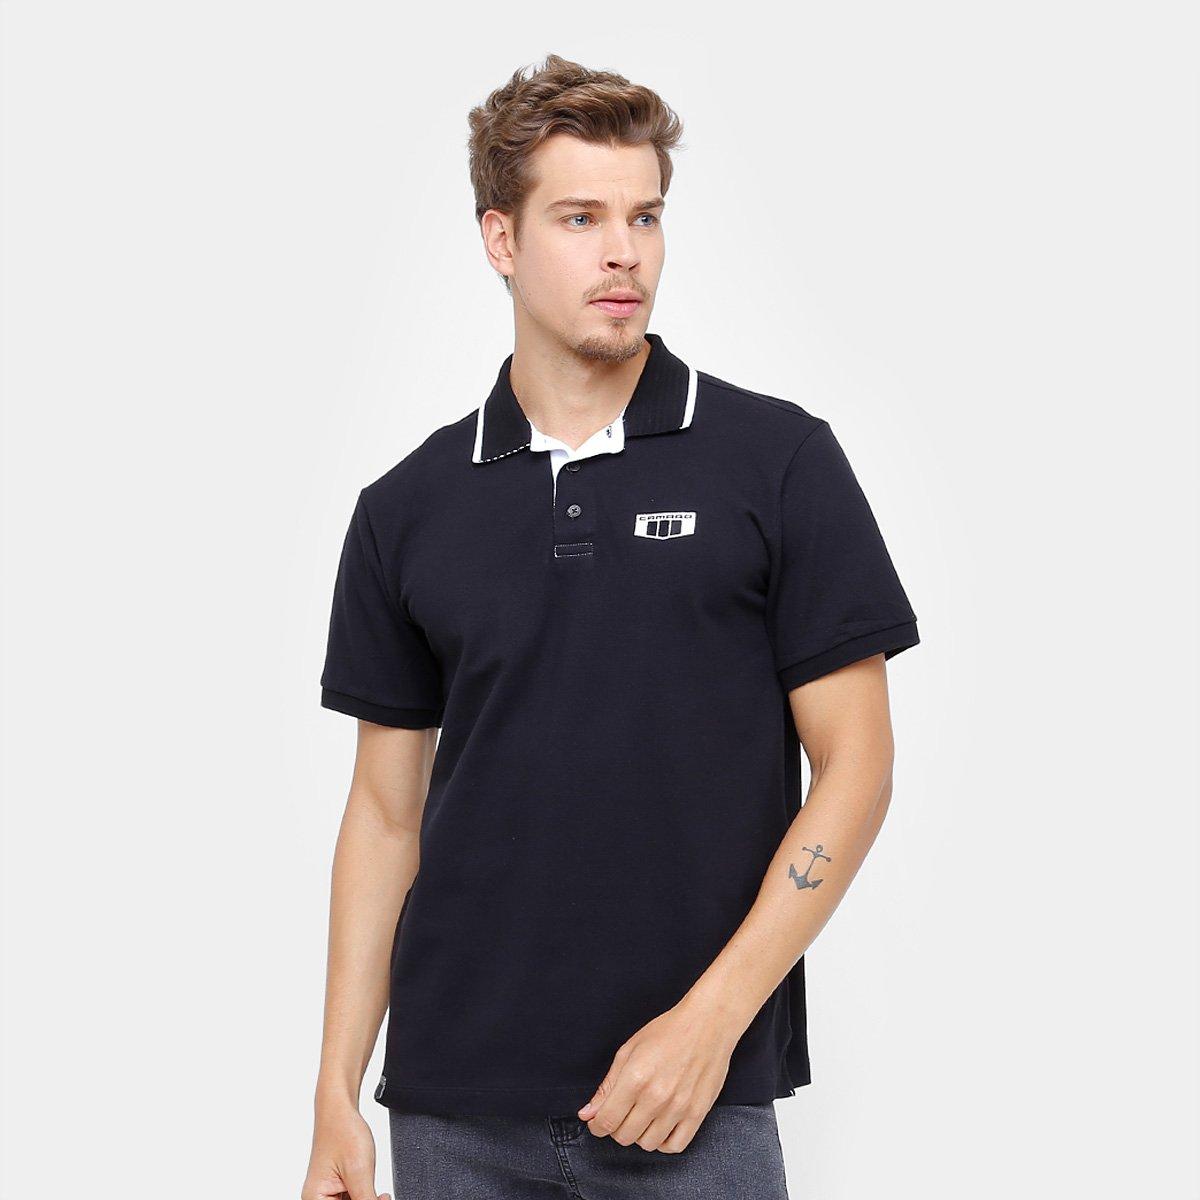 cd98dab89f Camisa Polo Camaro Attitude Masculina - Preto - Compre Agora